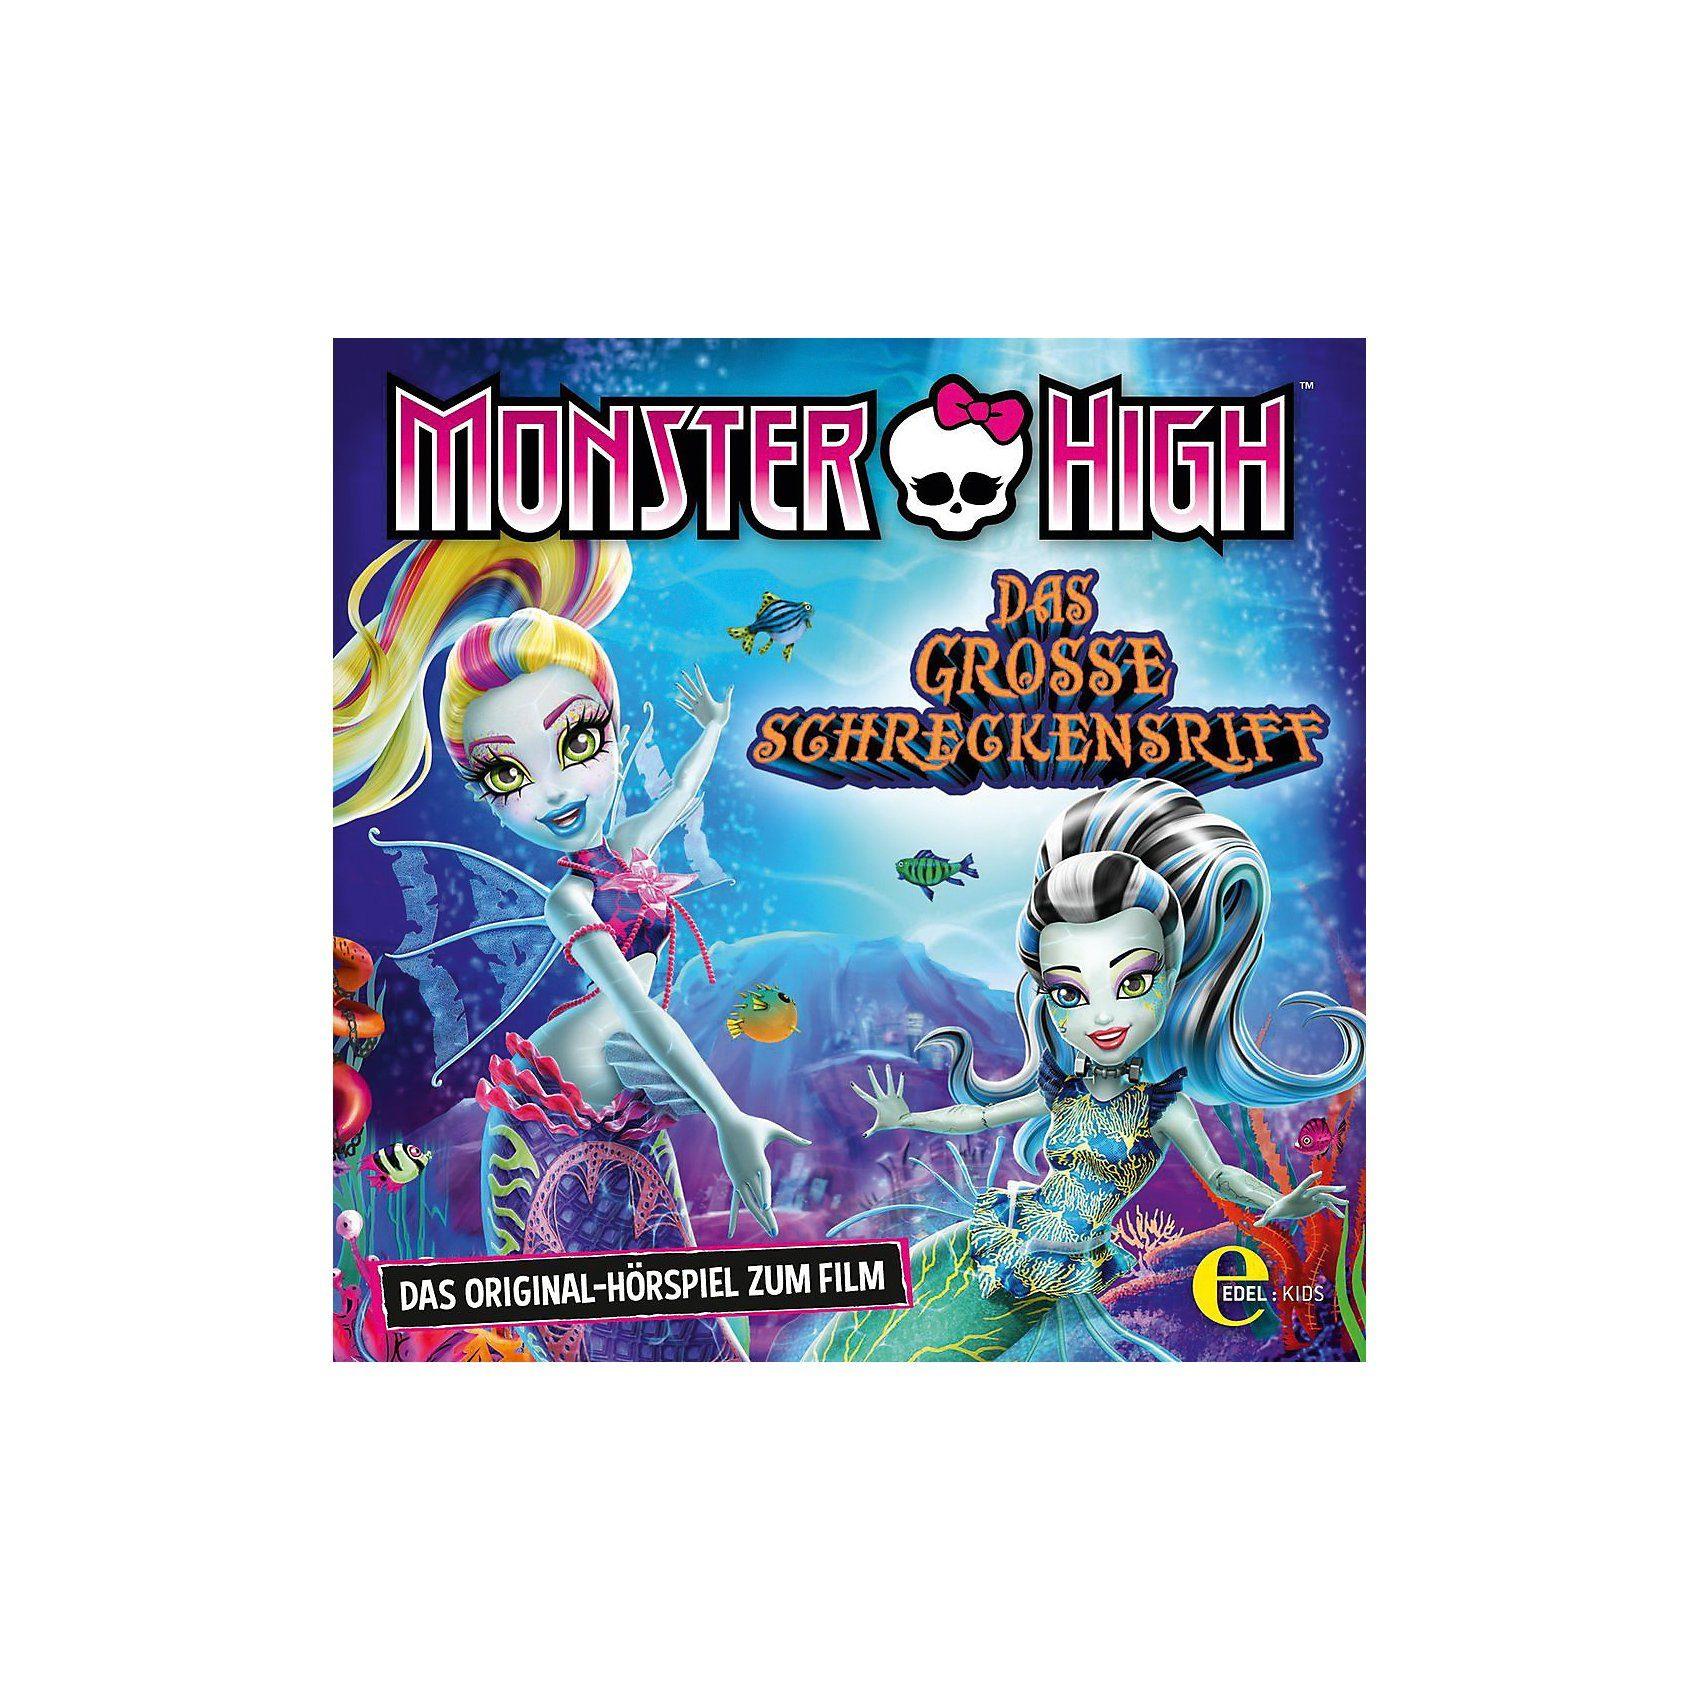 Edel CD Monster High - Das Große Schreckensriff